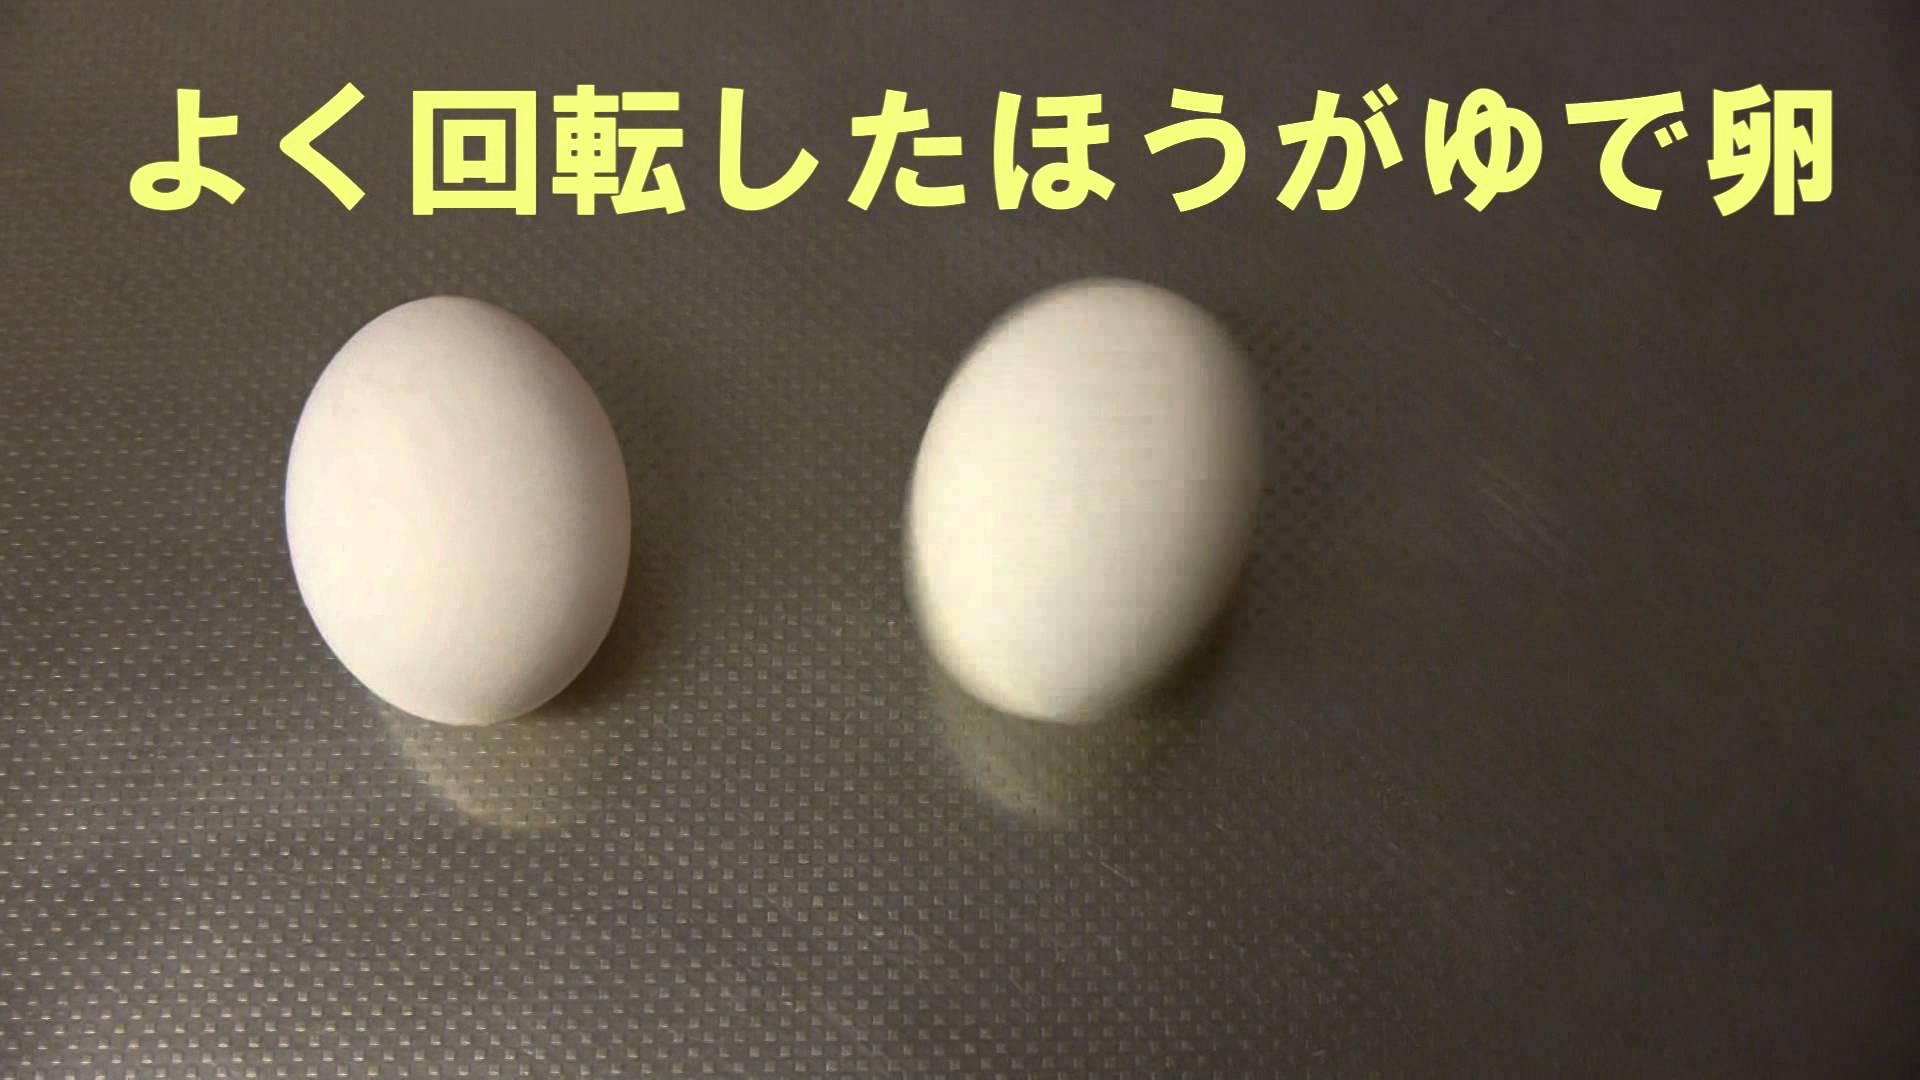 ゆで卵は 勢いよくクルクルと回ることを示す写真